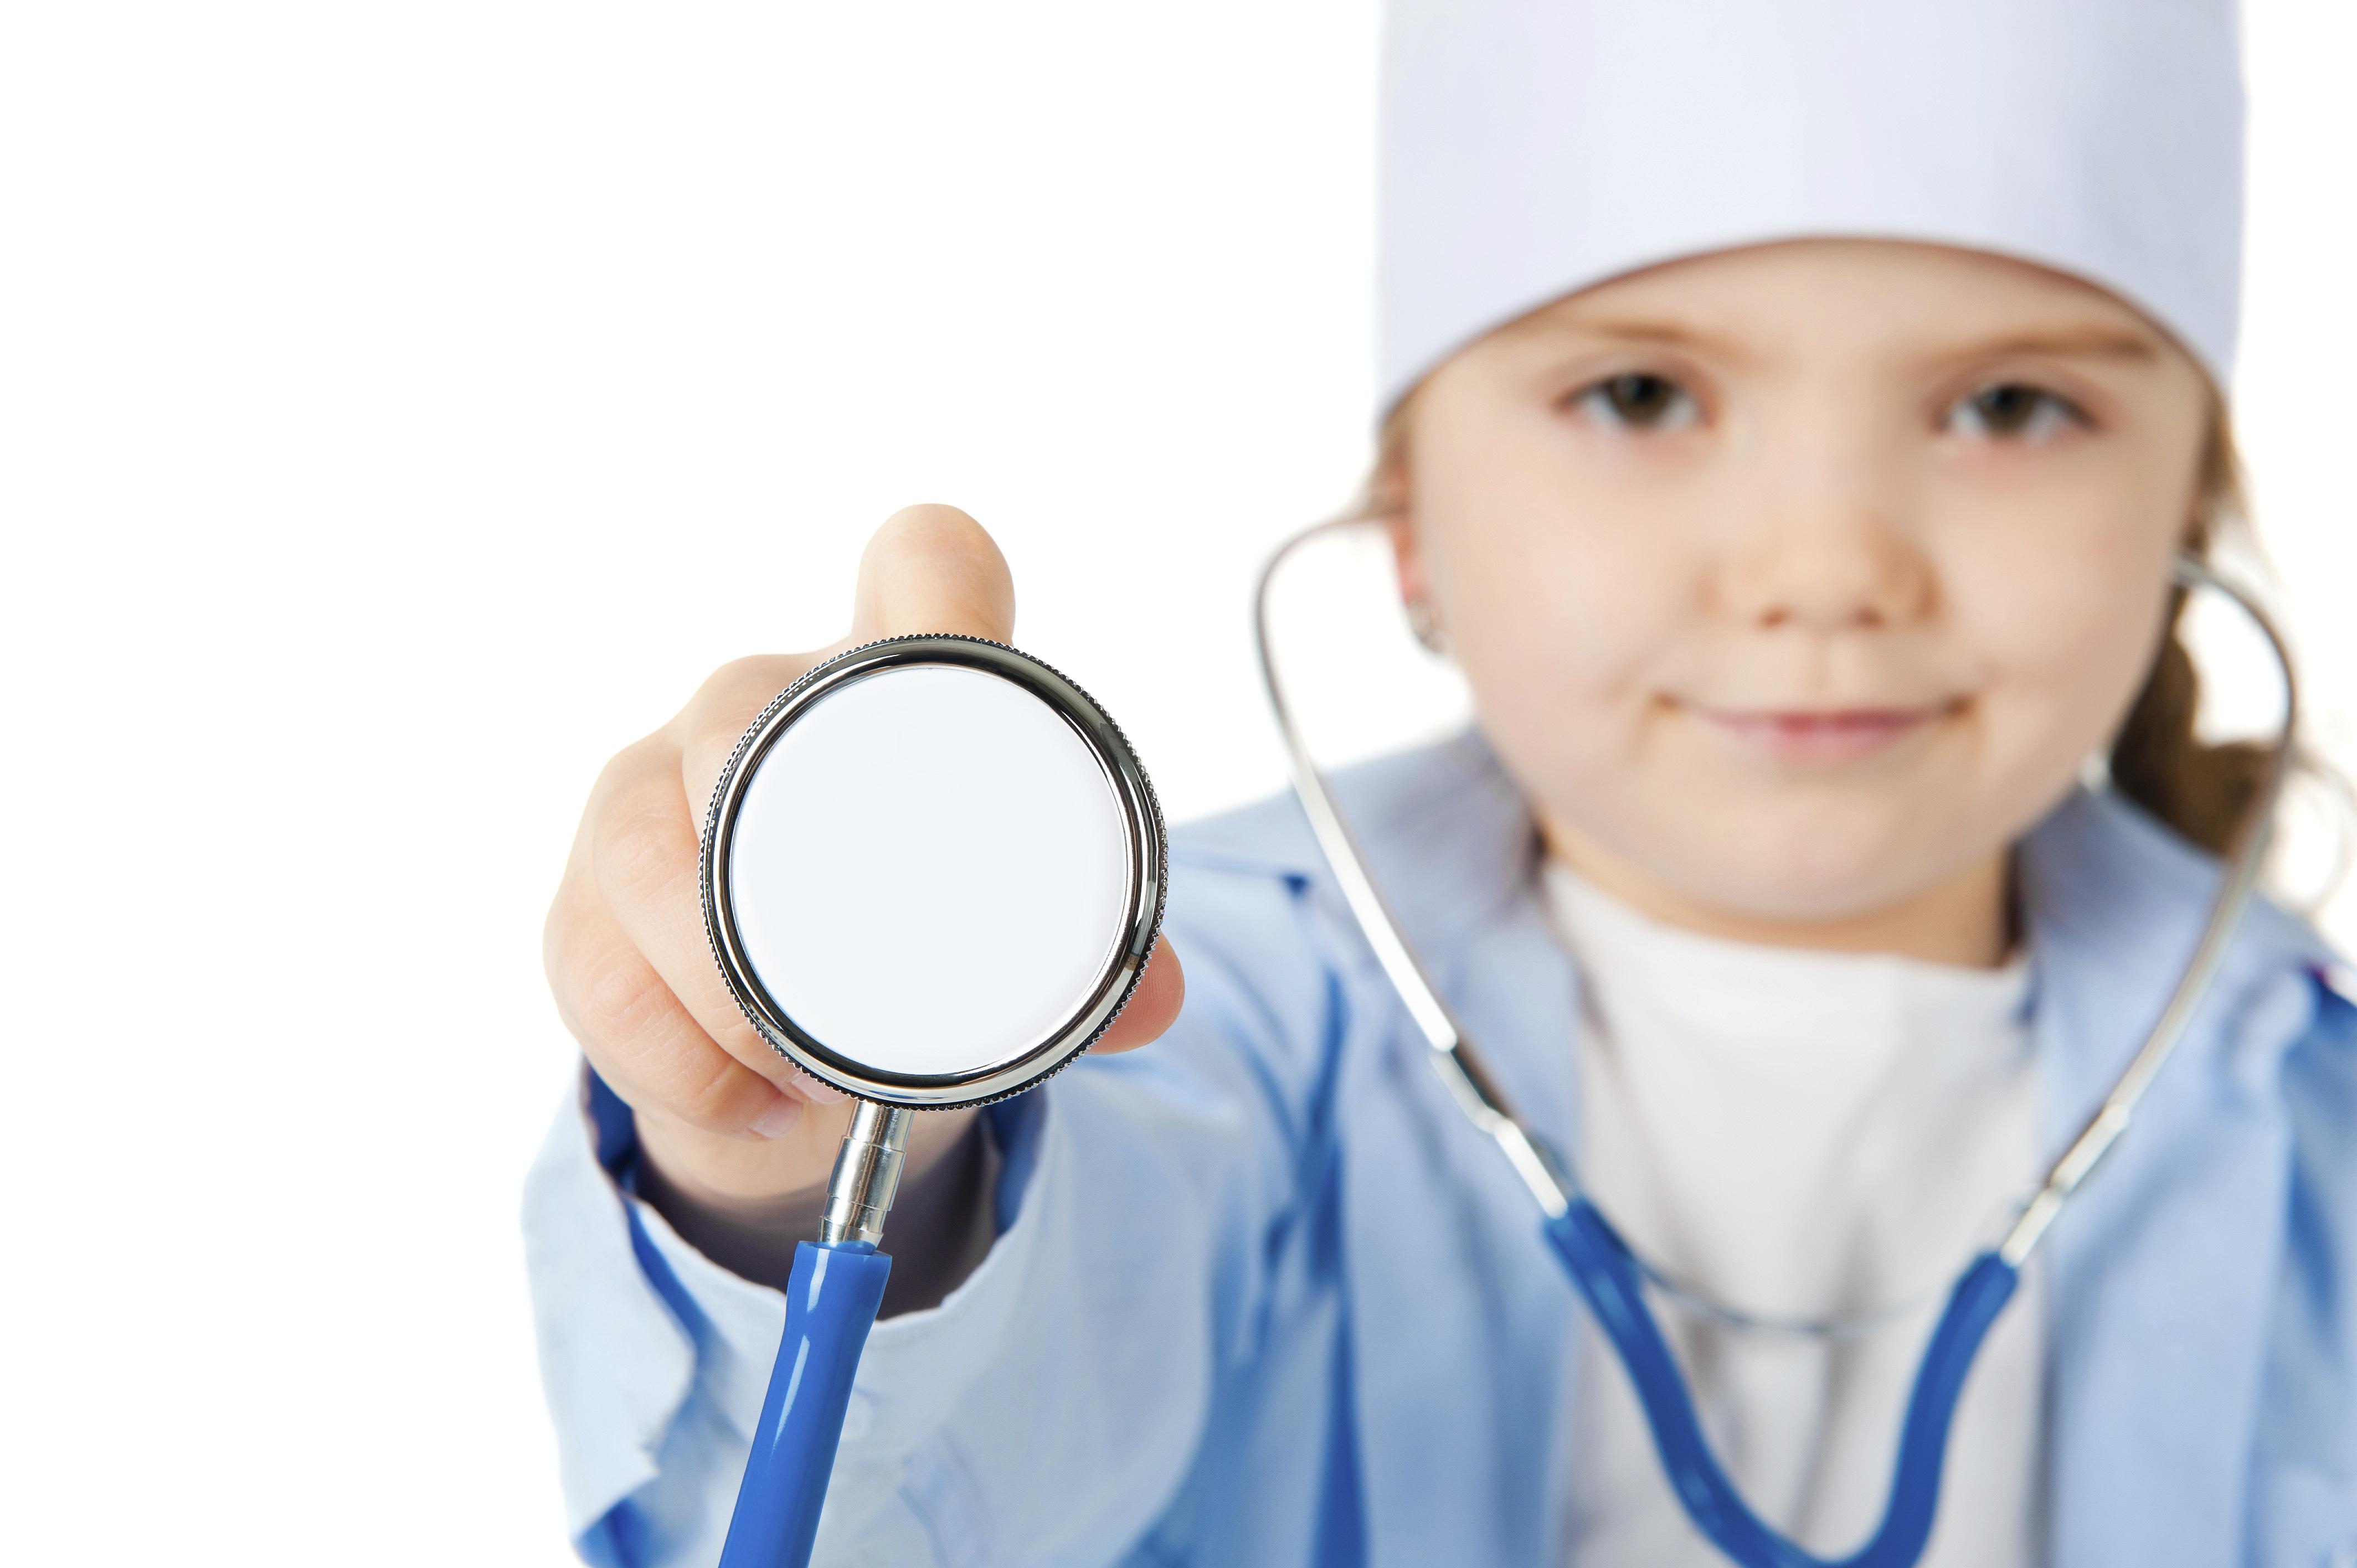 Child Psychology - Understand Behavior of Your Child